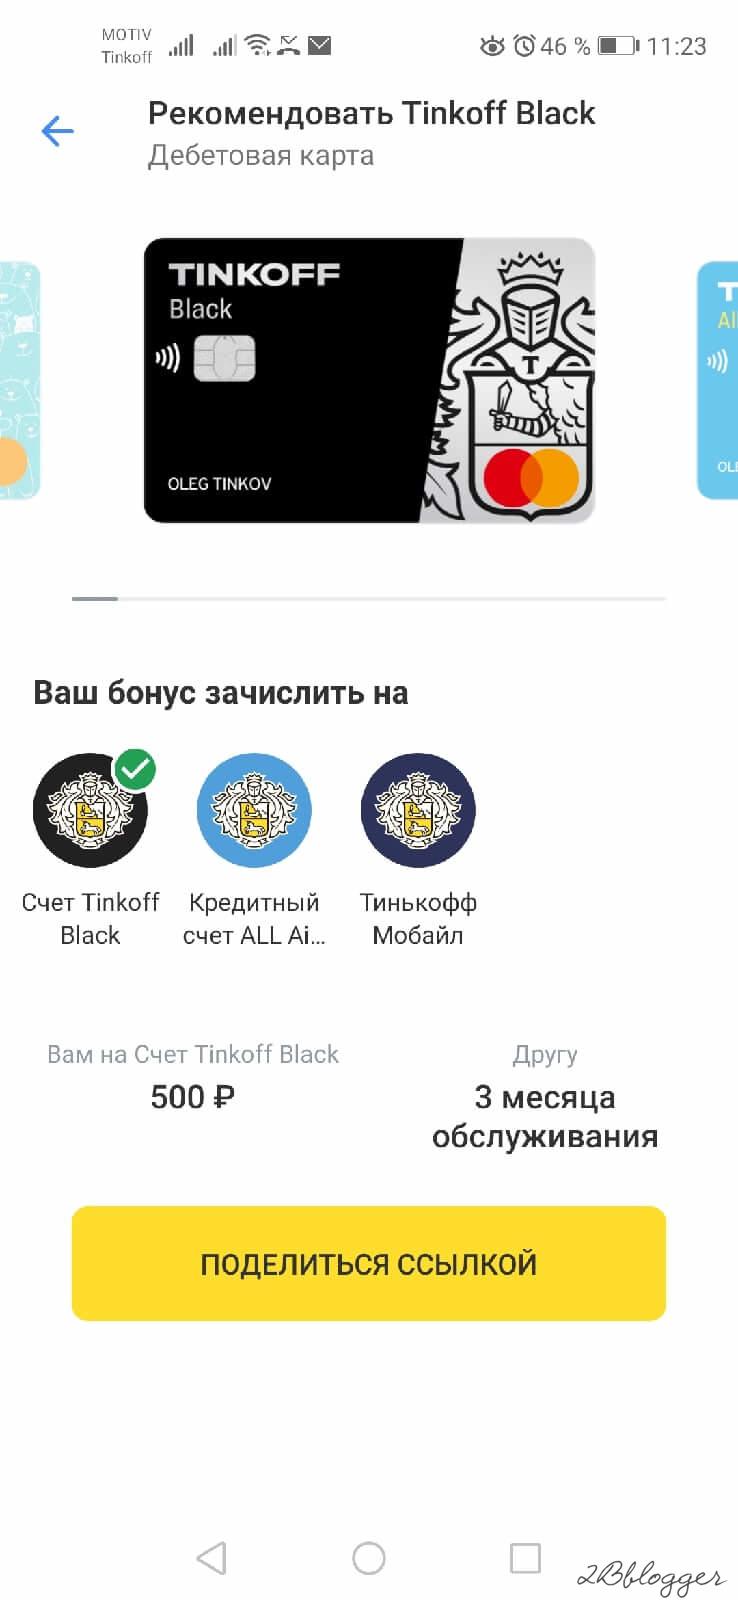 тинькофф пригласи друга дебетовая карта